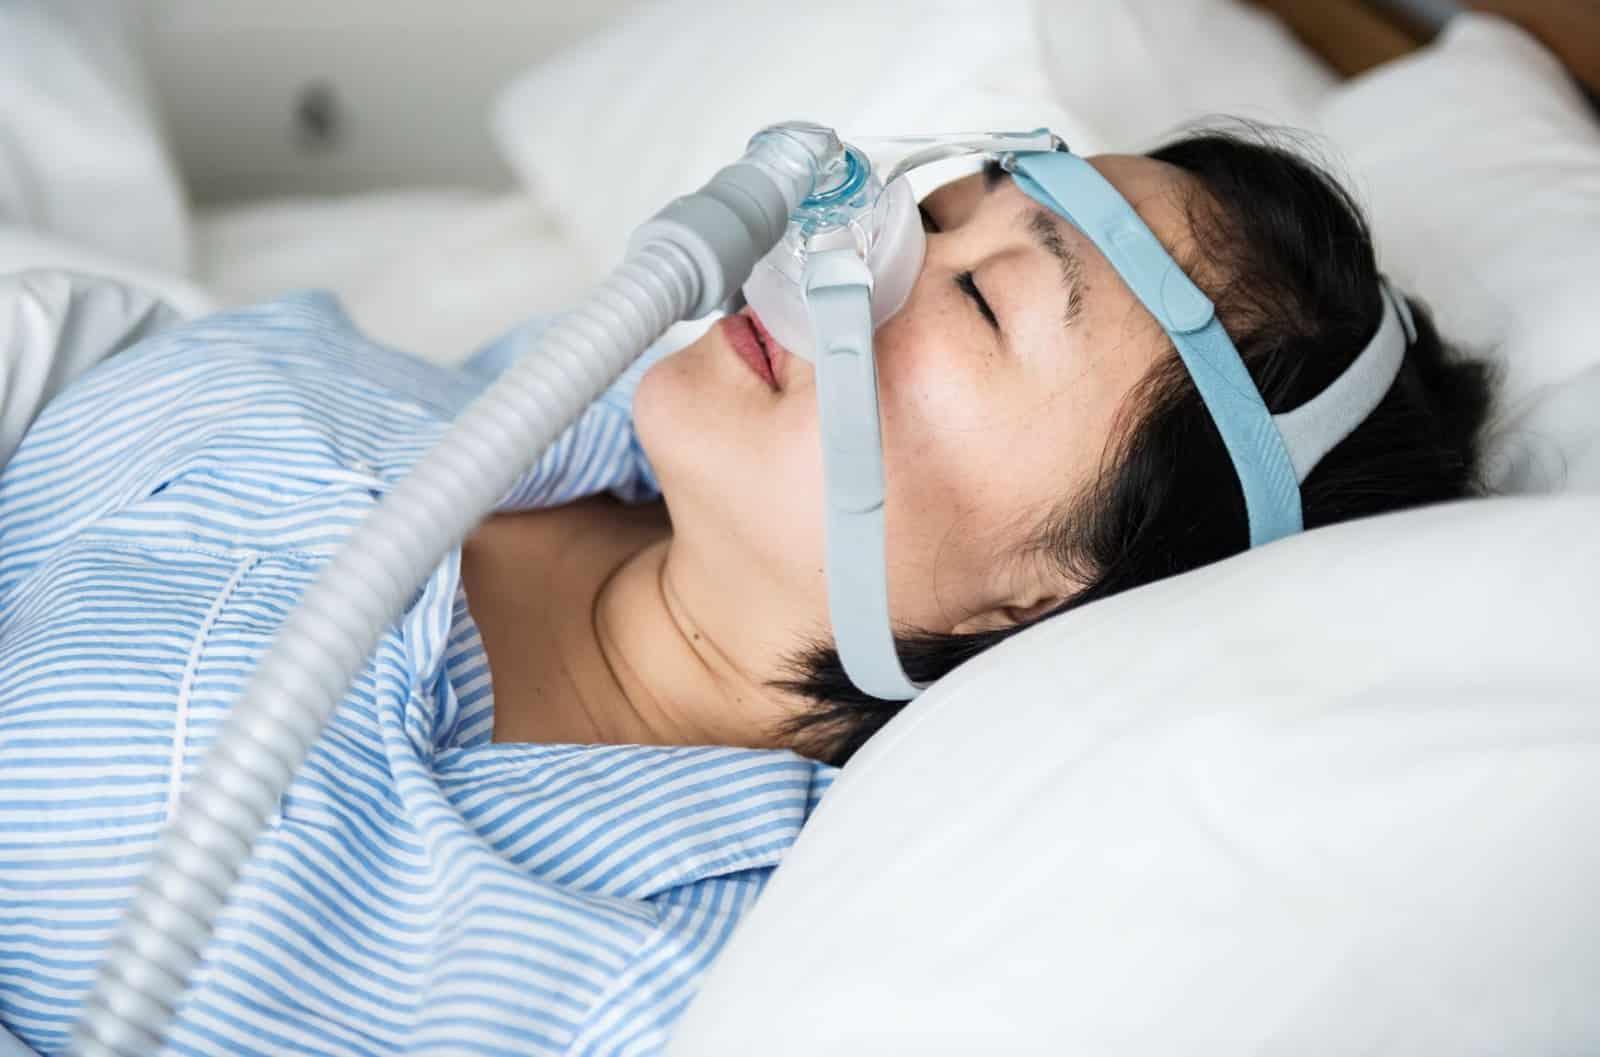 Maski do aparatu CPAP - rodzaje i zastosowanie